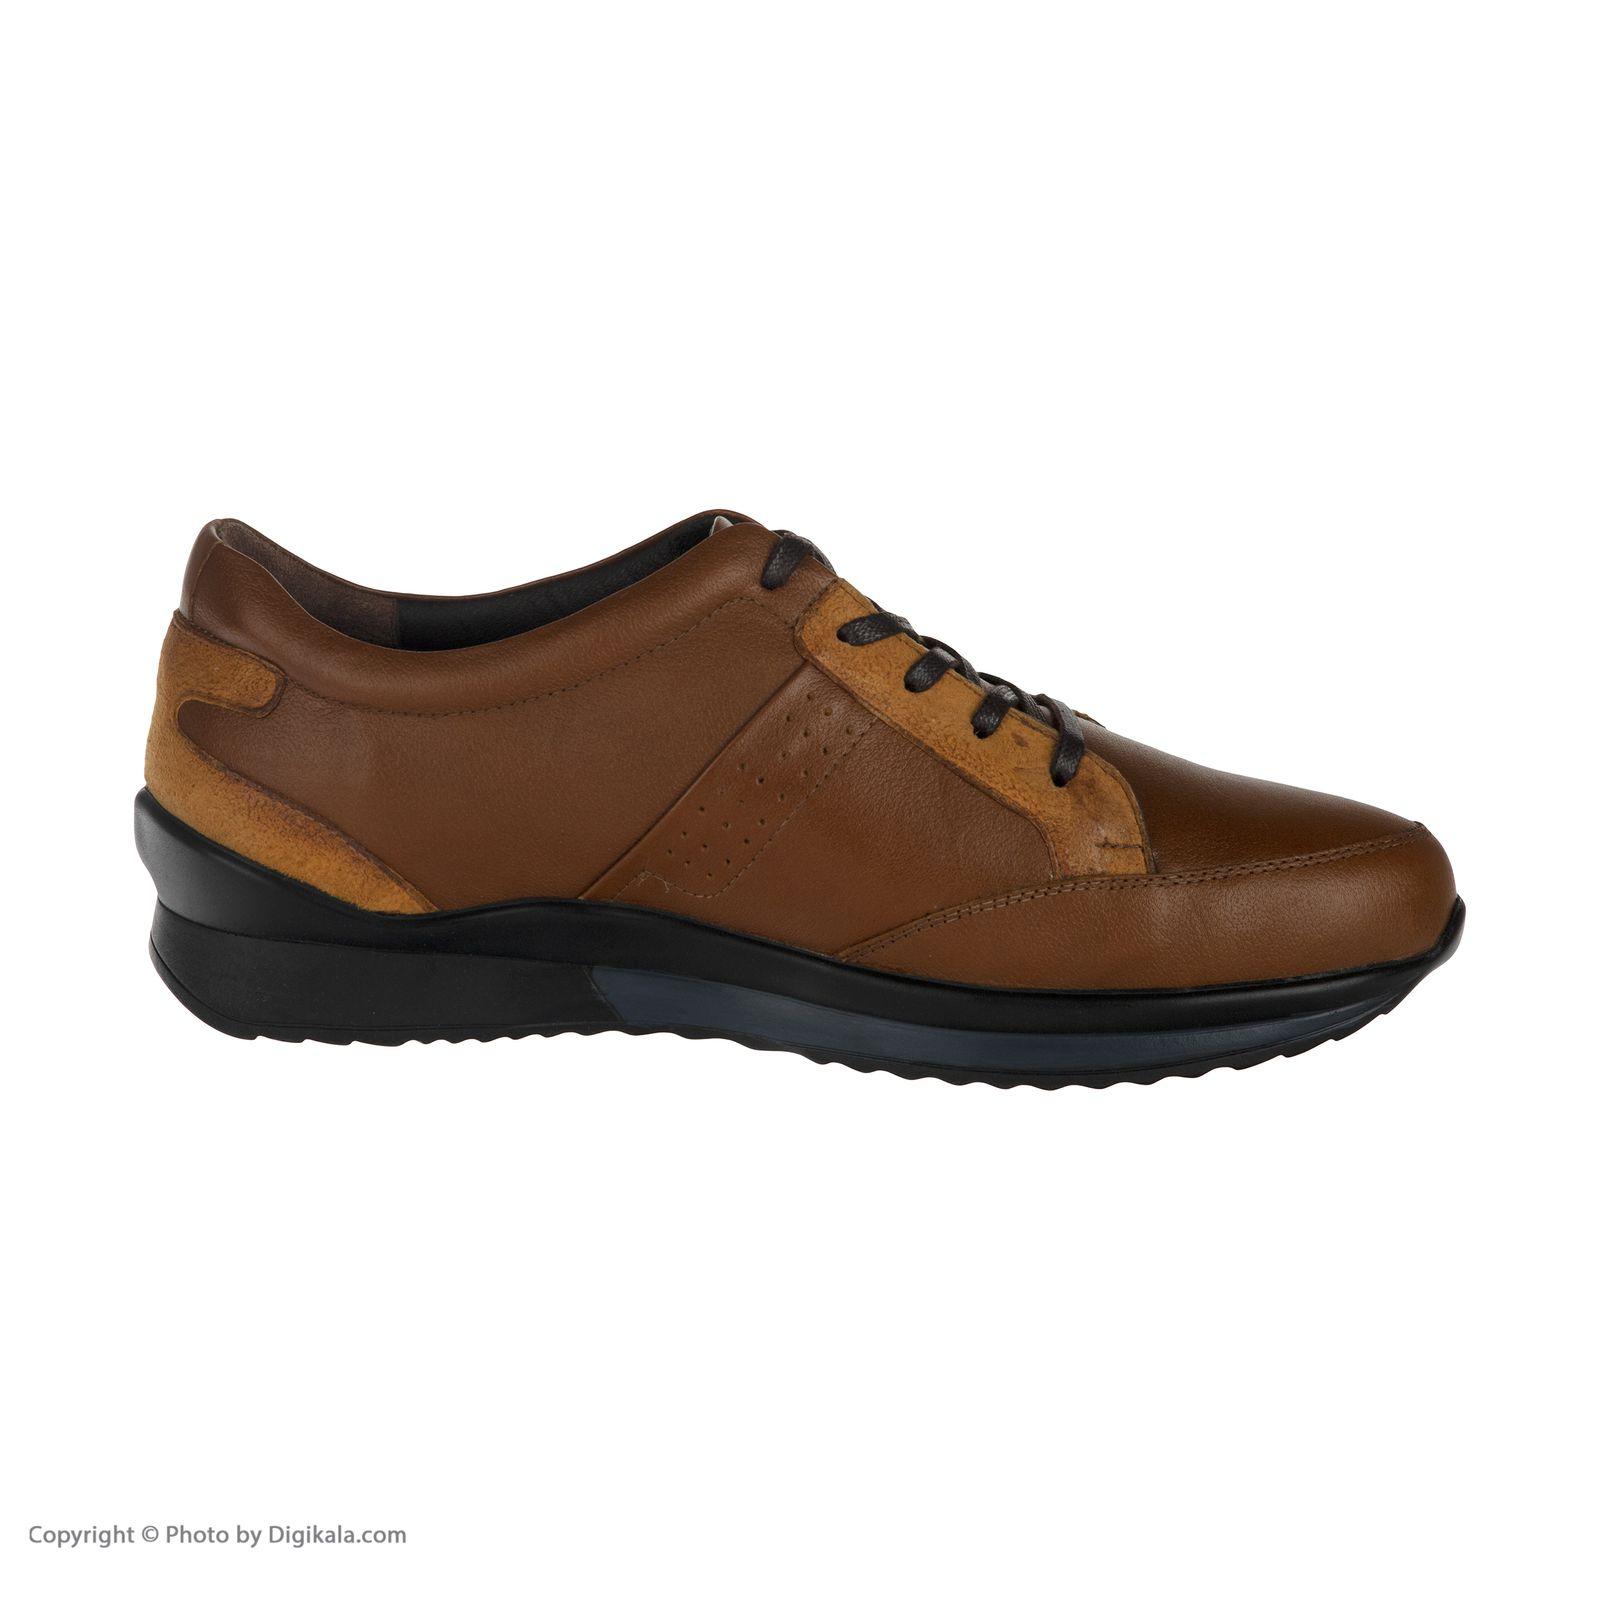 کفش روزمره مردانه بلوط مدل 7298A503136 -  - 6